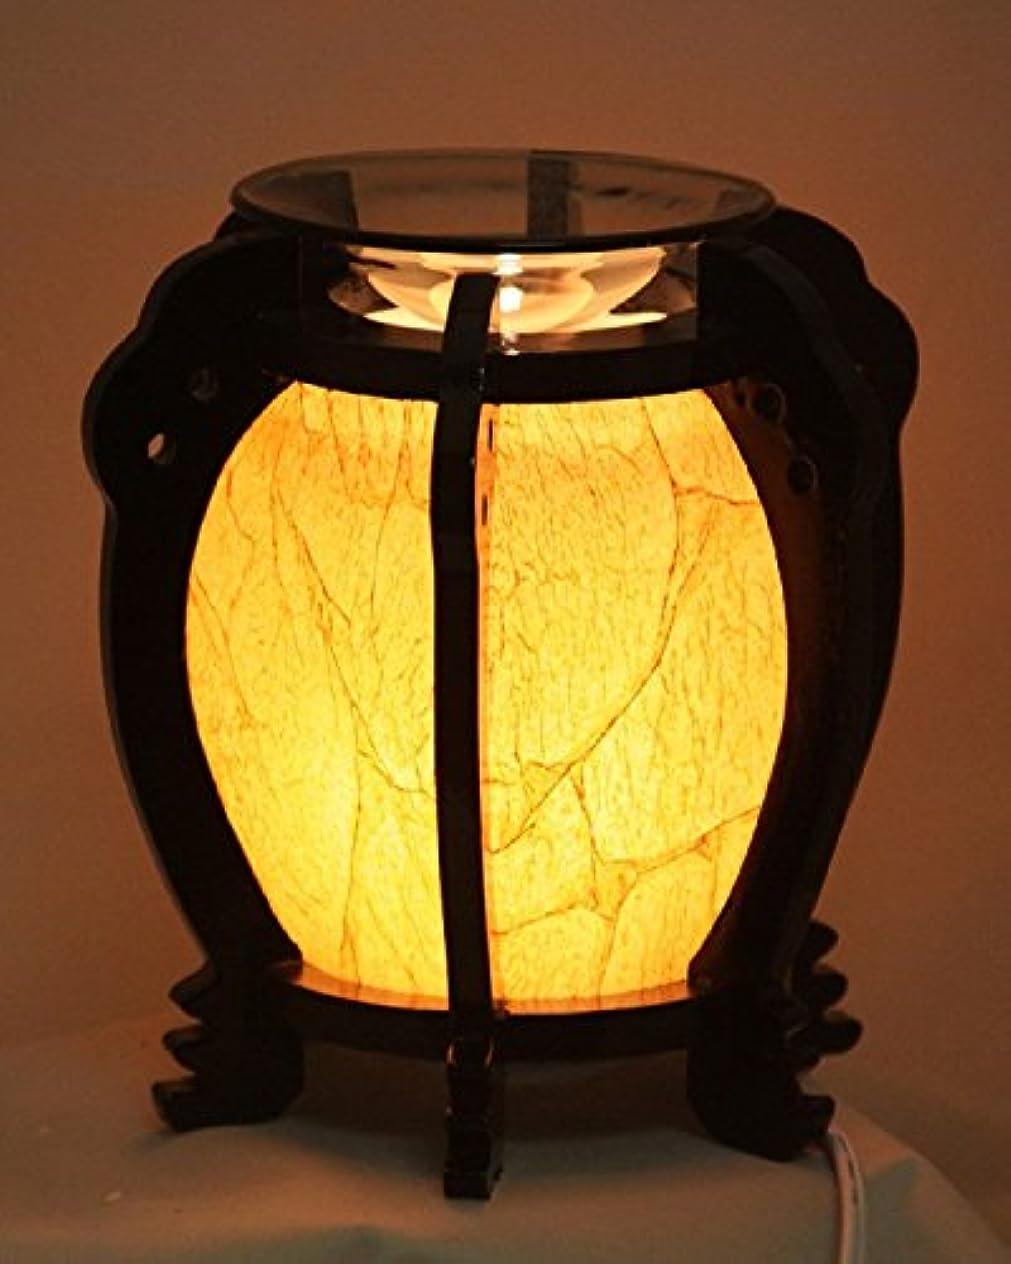 木製ラウンド( ew-647 ) Electric Fragrance Oil Tart Warmer ( Burner / Warmer /ランプ) withディマースイッチ